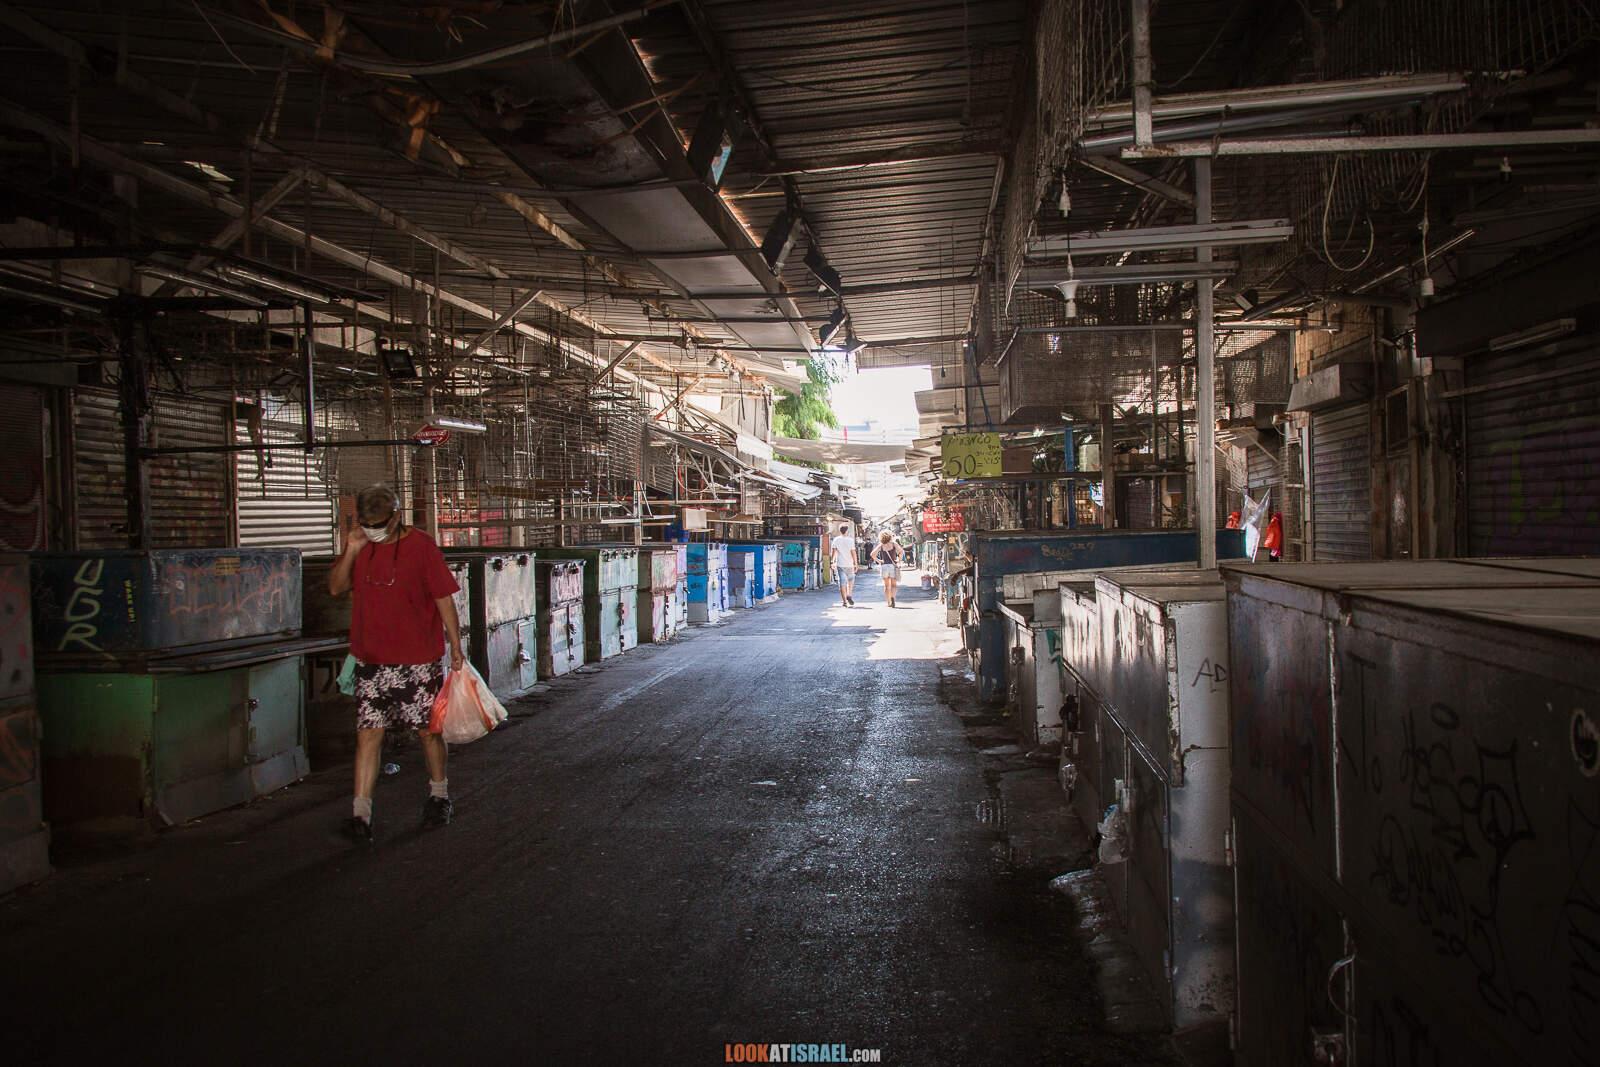 Тель-Авив, улица ремесленников Нахалат Биньямин и рынок Кармель во время карантина